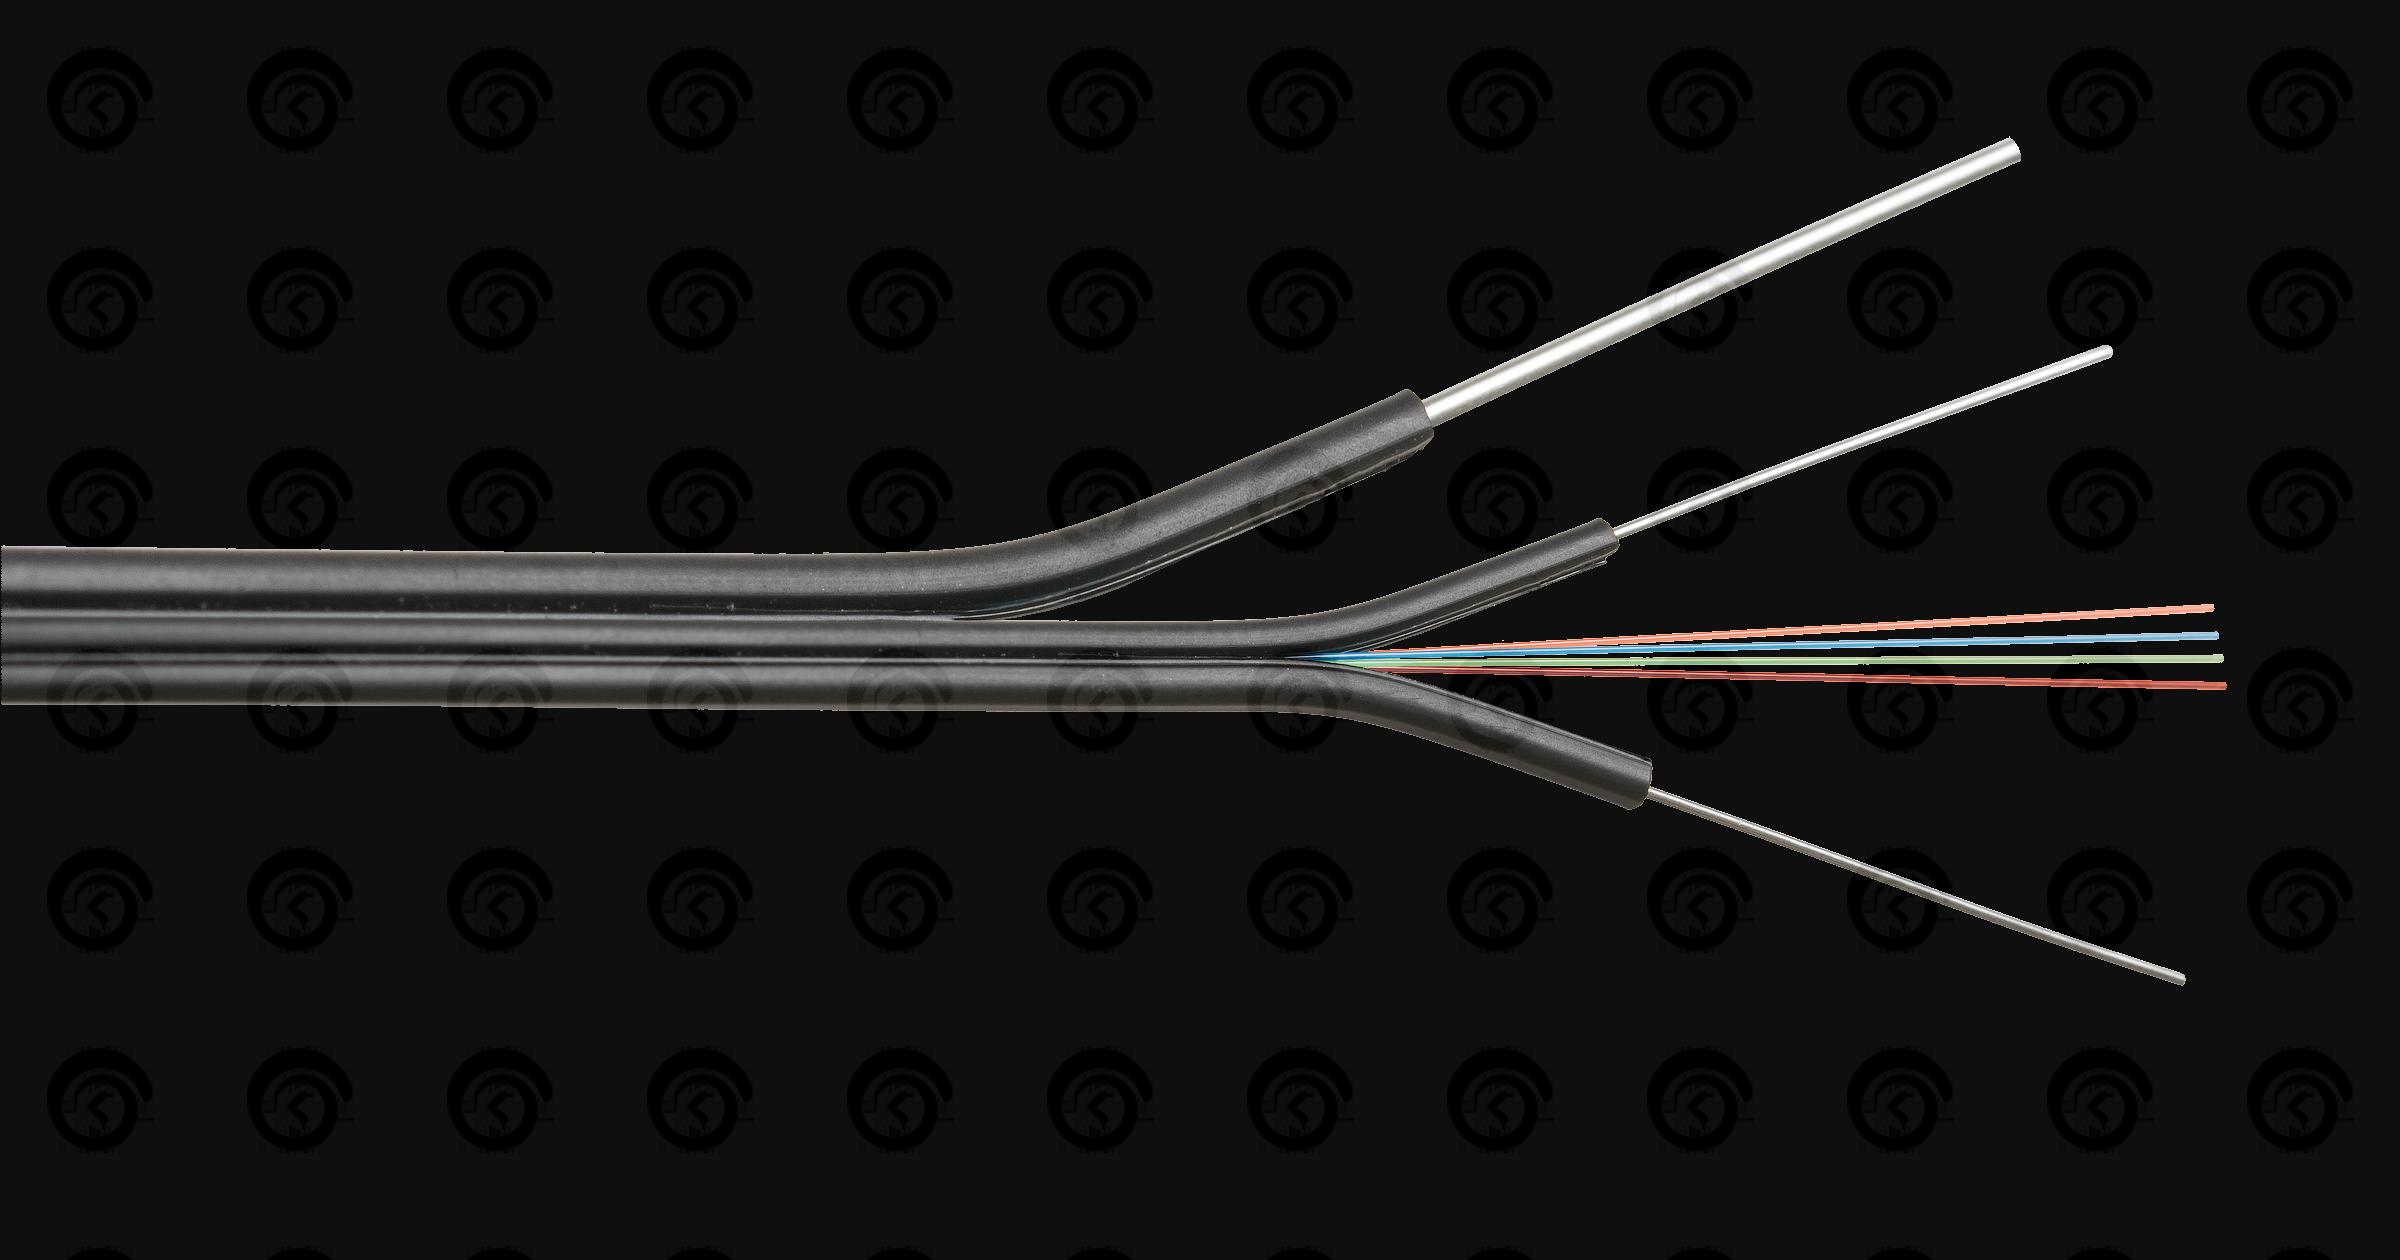 """ВОК 01 волокно, одномодовый 9/125мкм, OS2, G.657, внутренний/внешний, """"бабочка"""" со стеклопластиковыми прутками с тросом, LSZH -40C нг(A)-HFLTx, черный"""